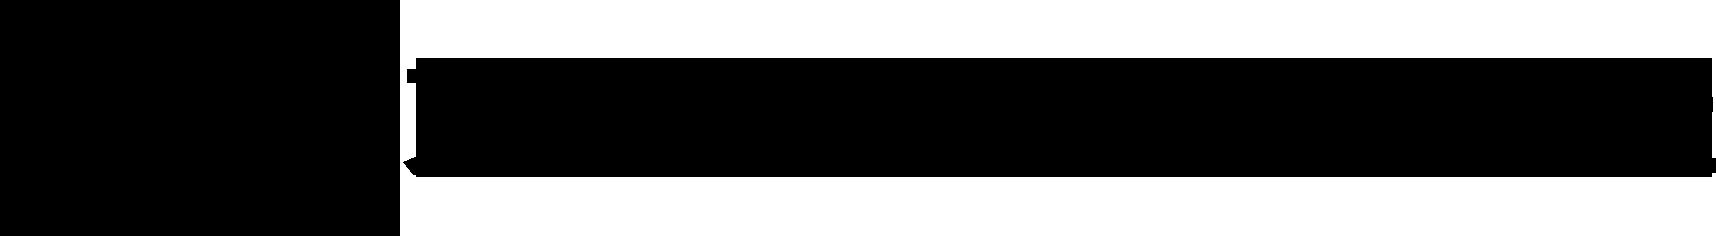 東北重機工事株式会社